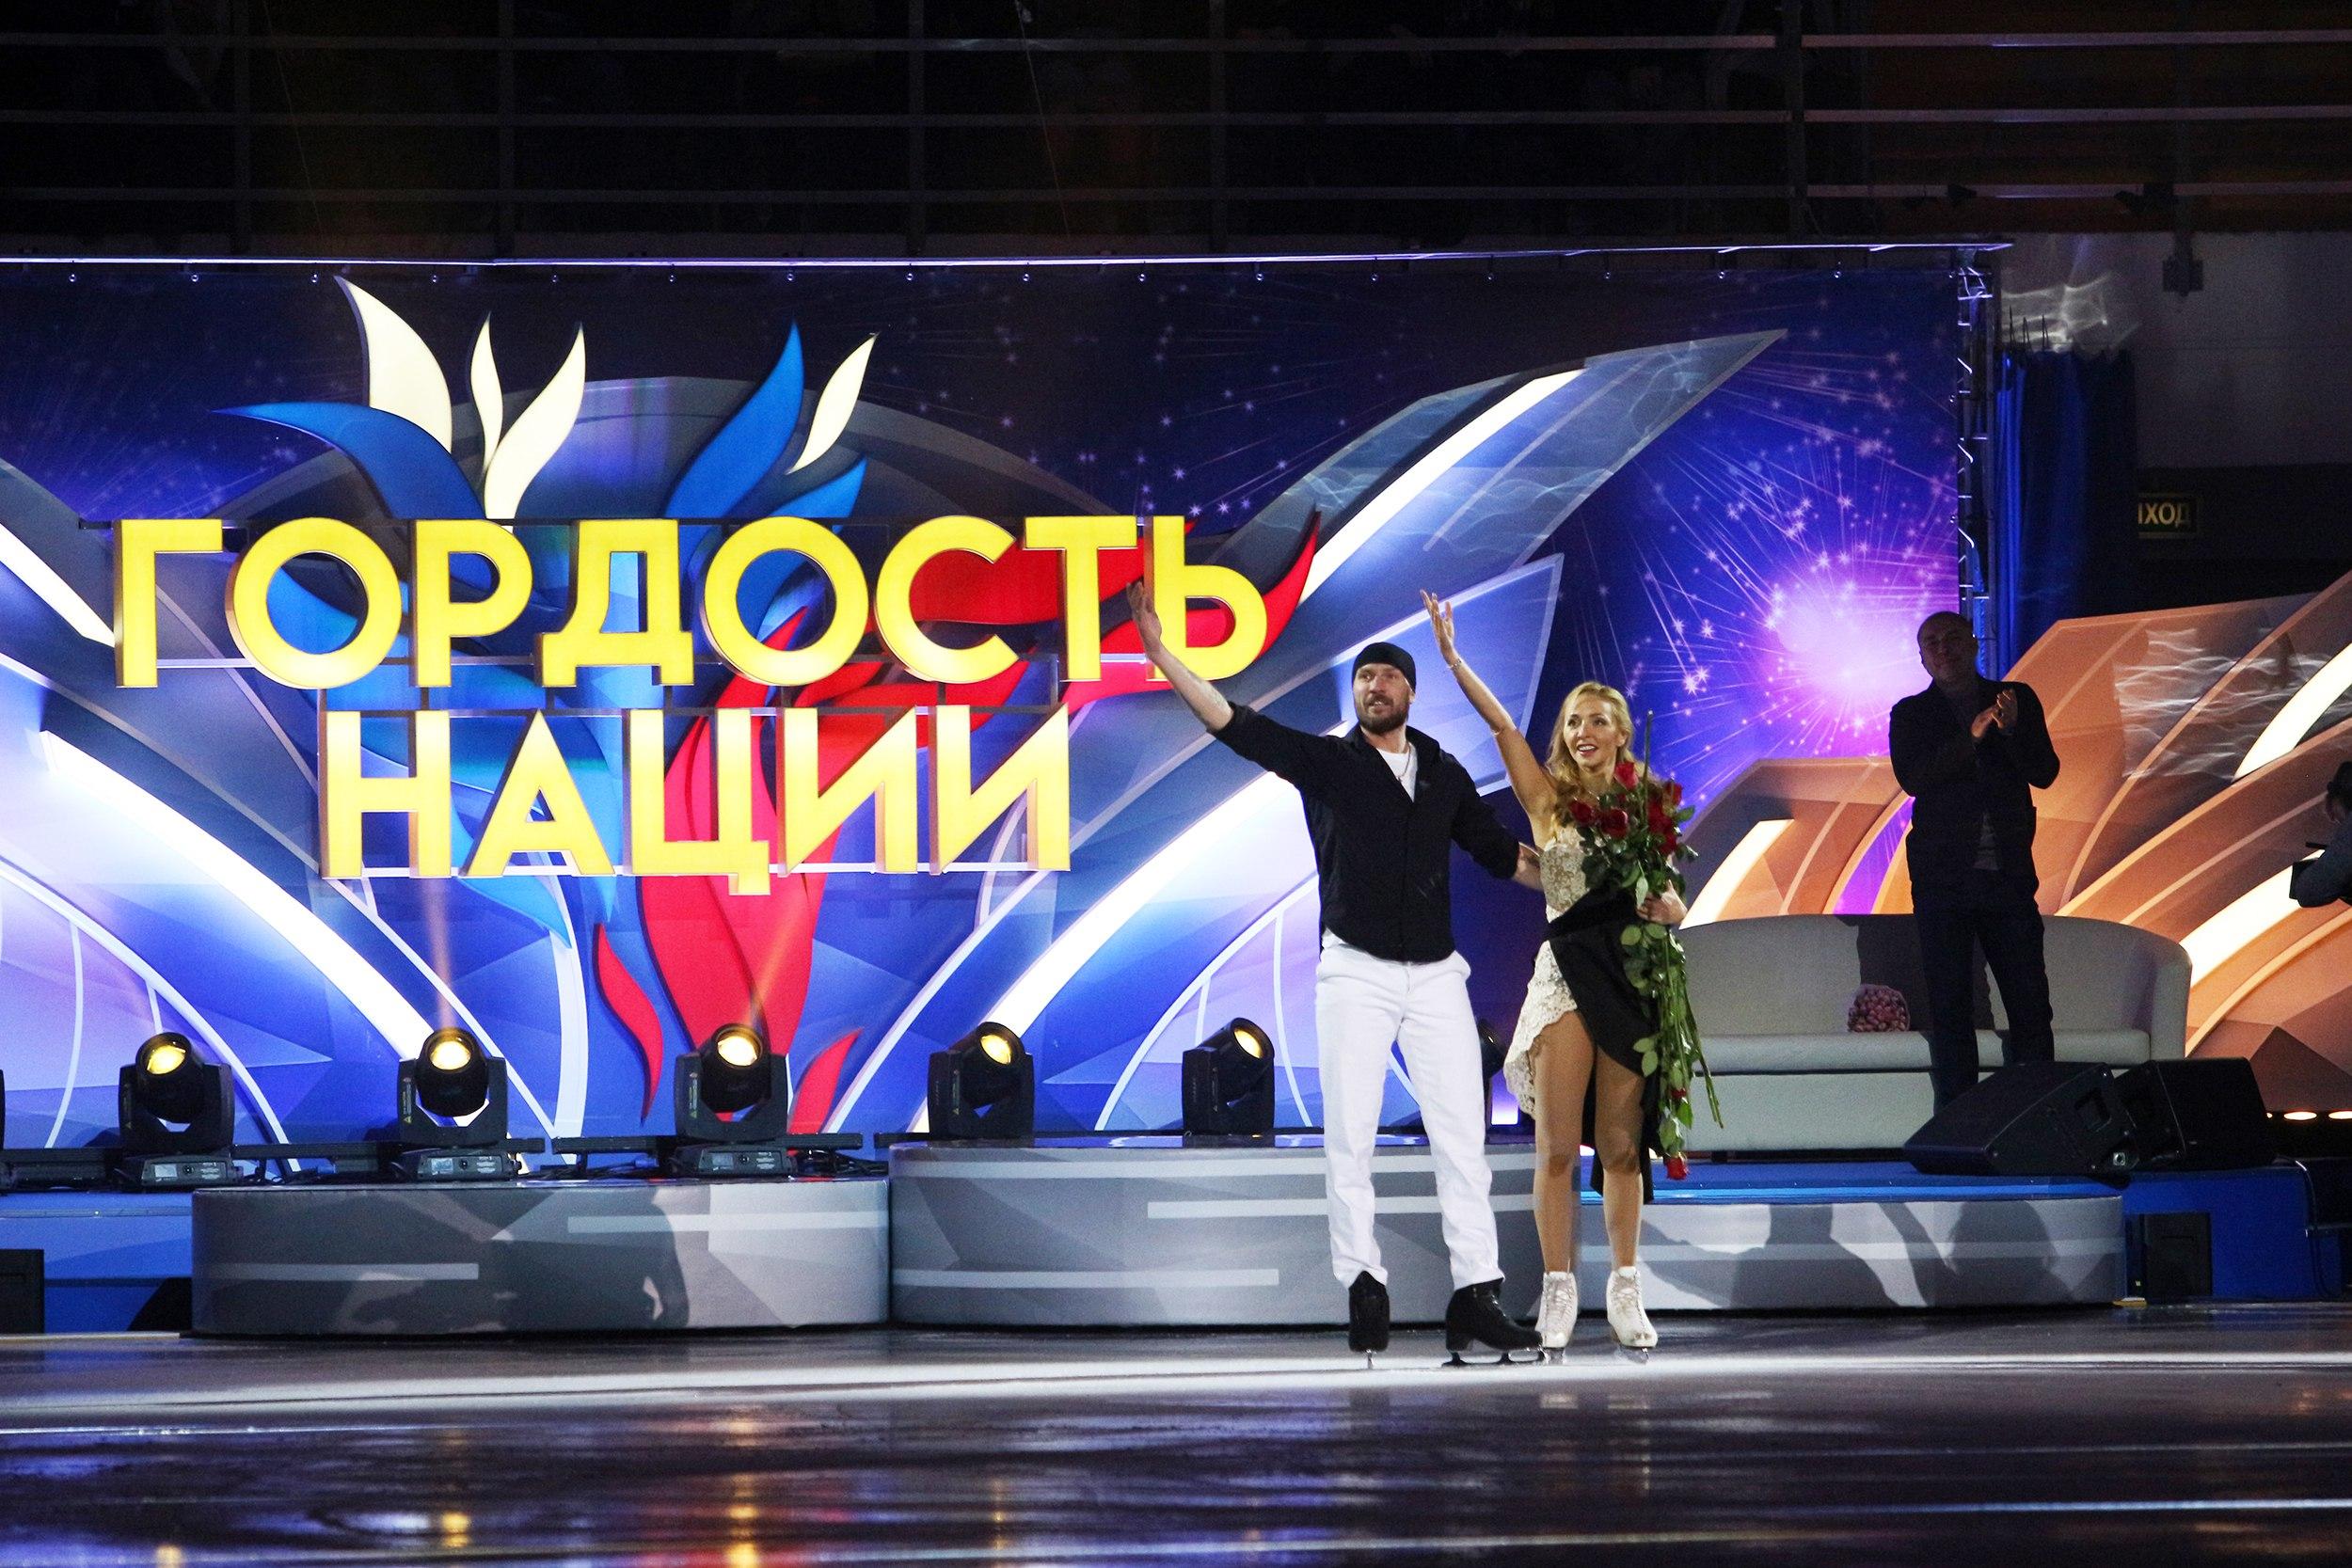 Ледовые шоу-2018-2019 HdhLQ1i5zhM